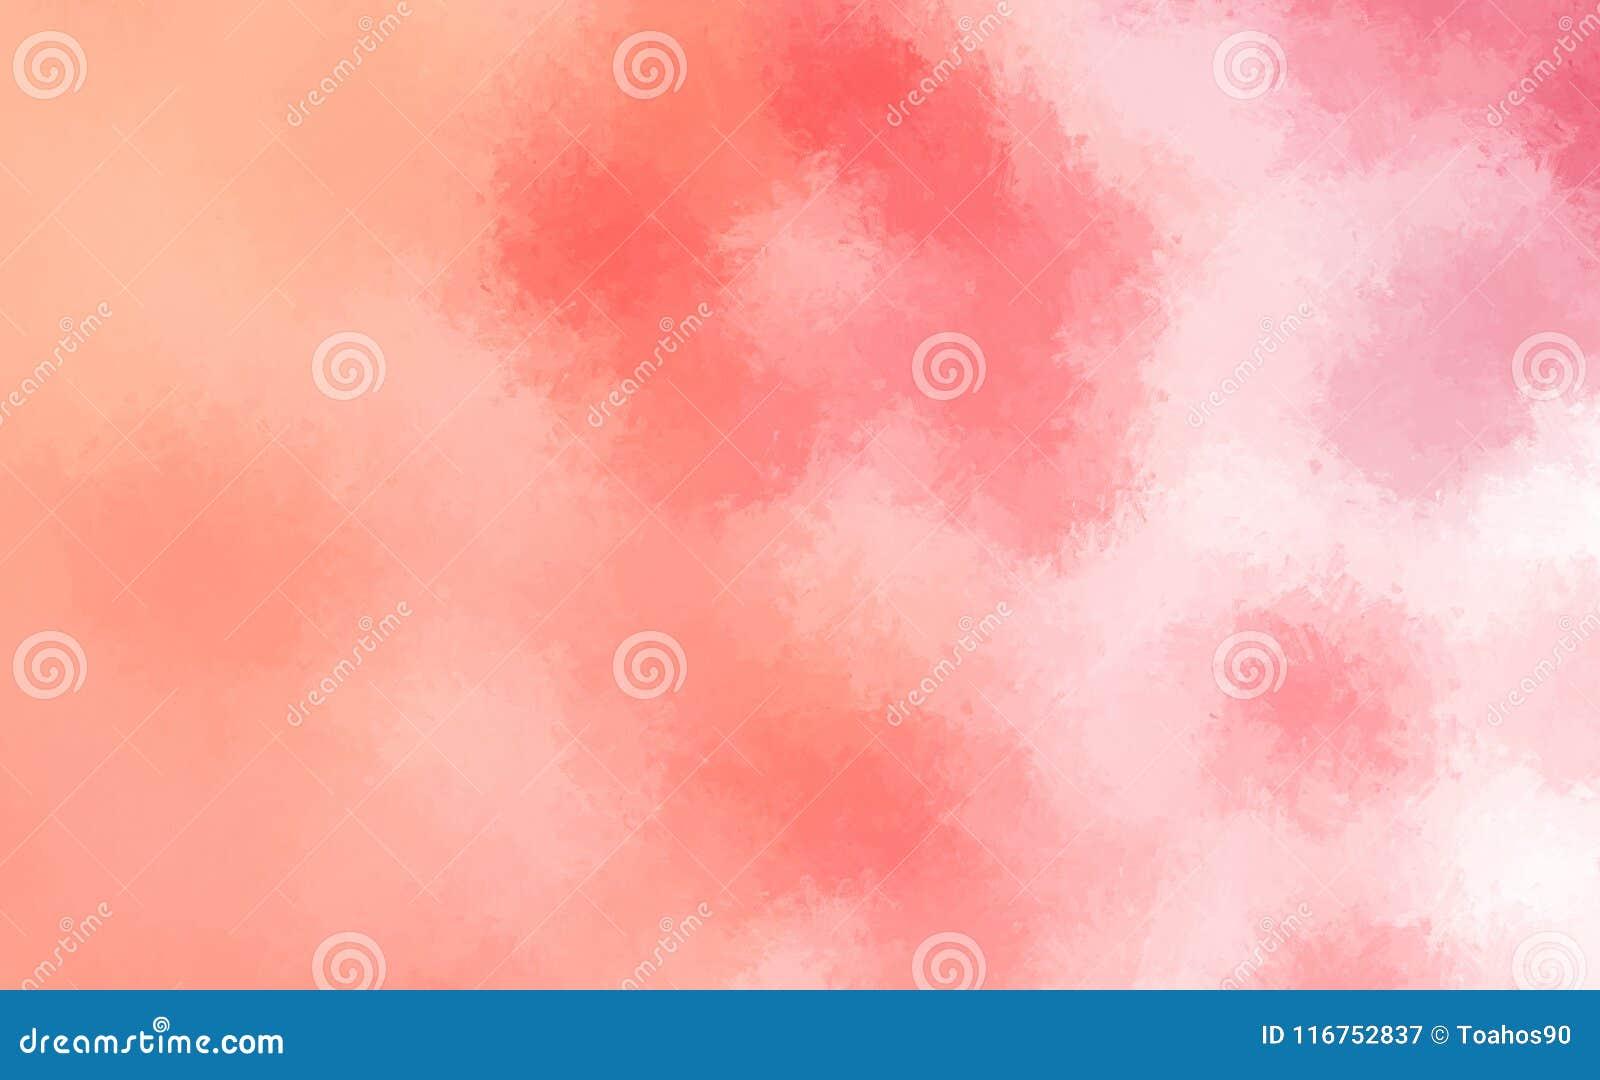 Brushed malte abstrakten Hintergrund Bürste gestrichene Malerei Abstrakte Tapete